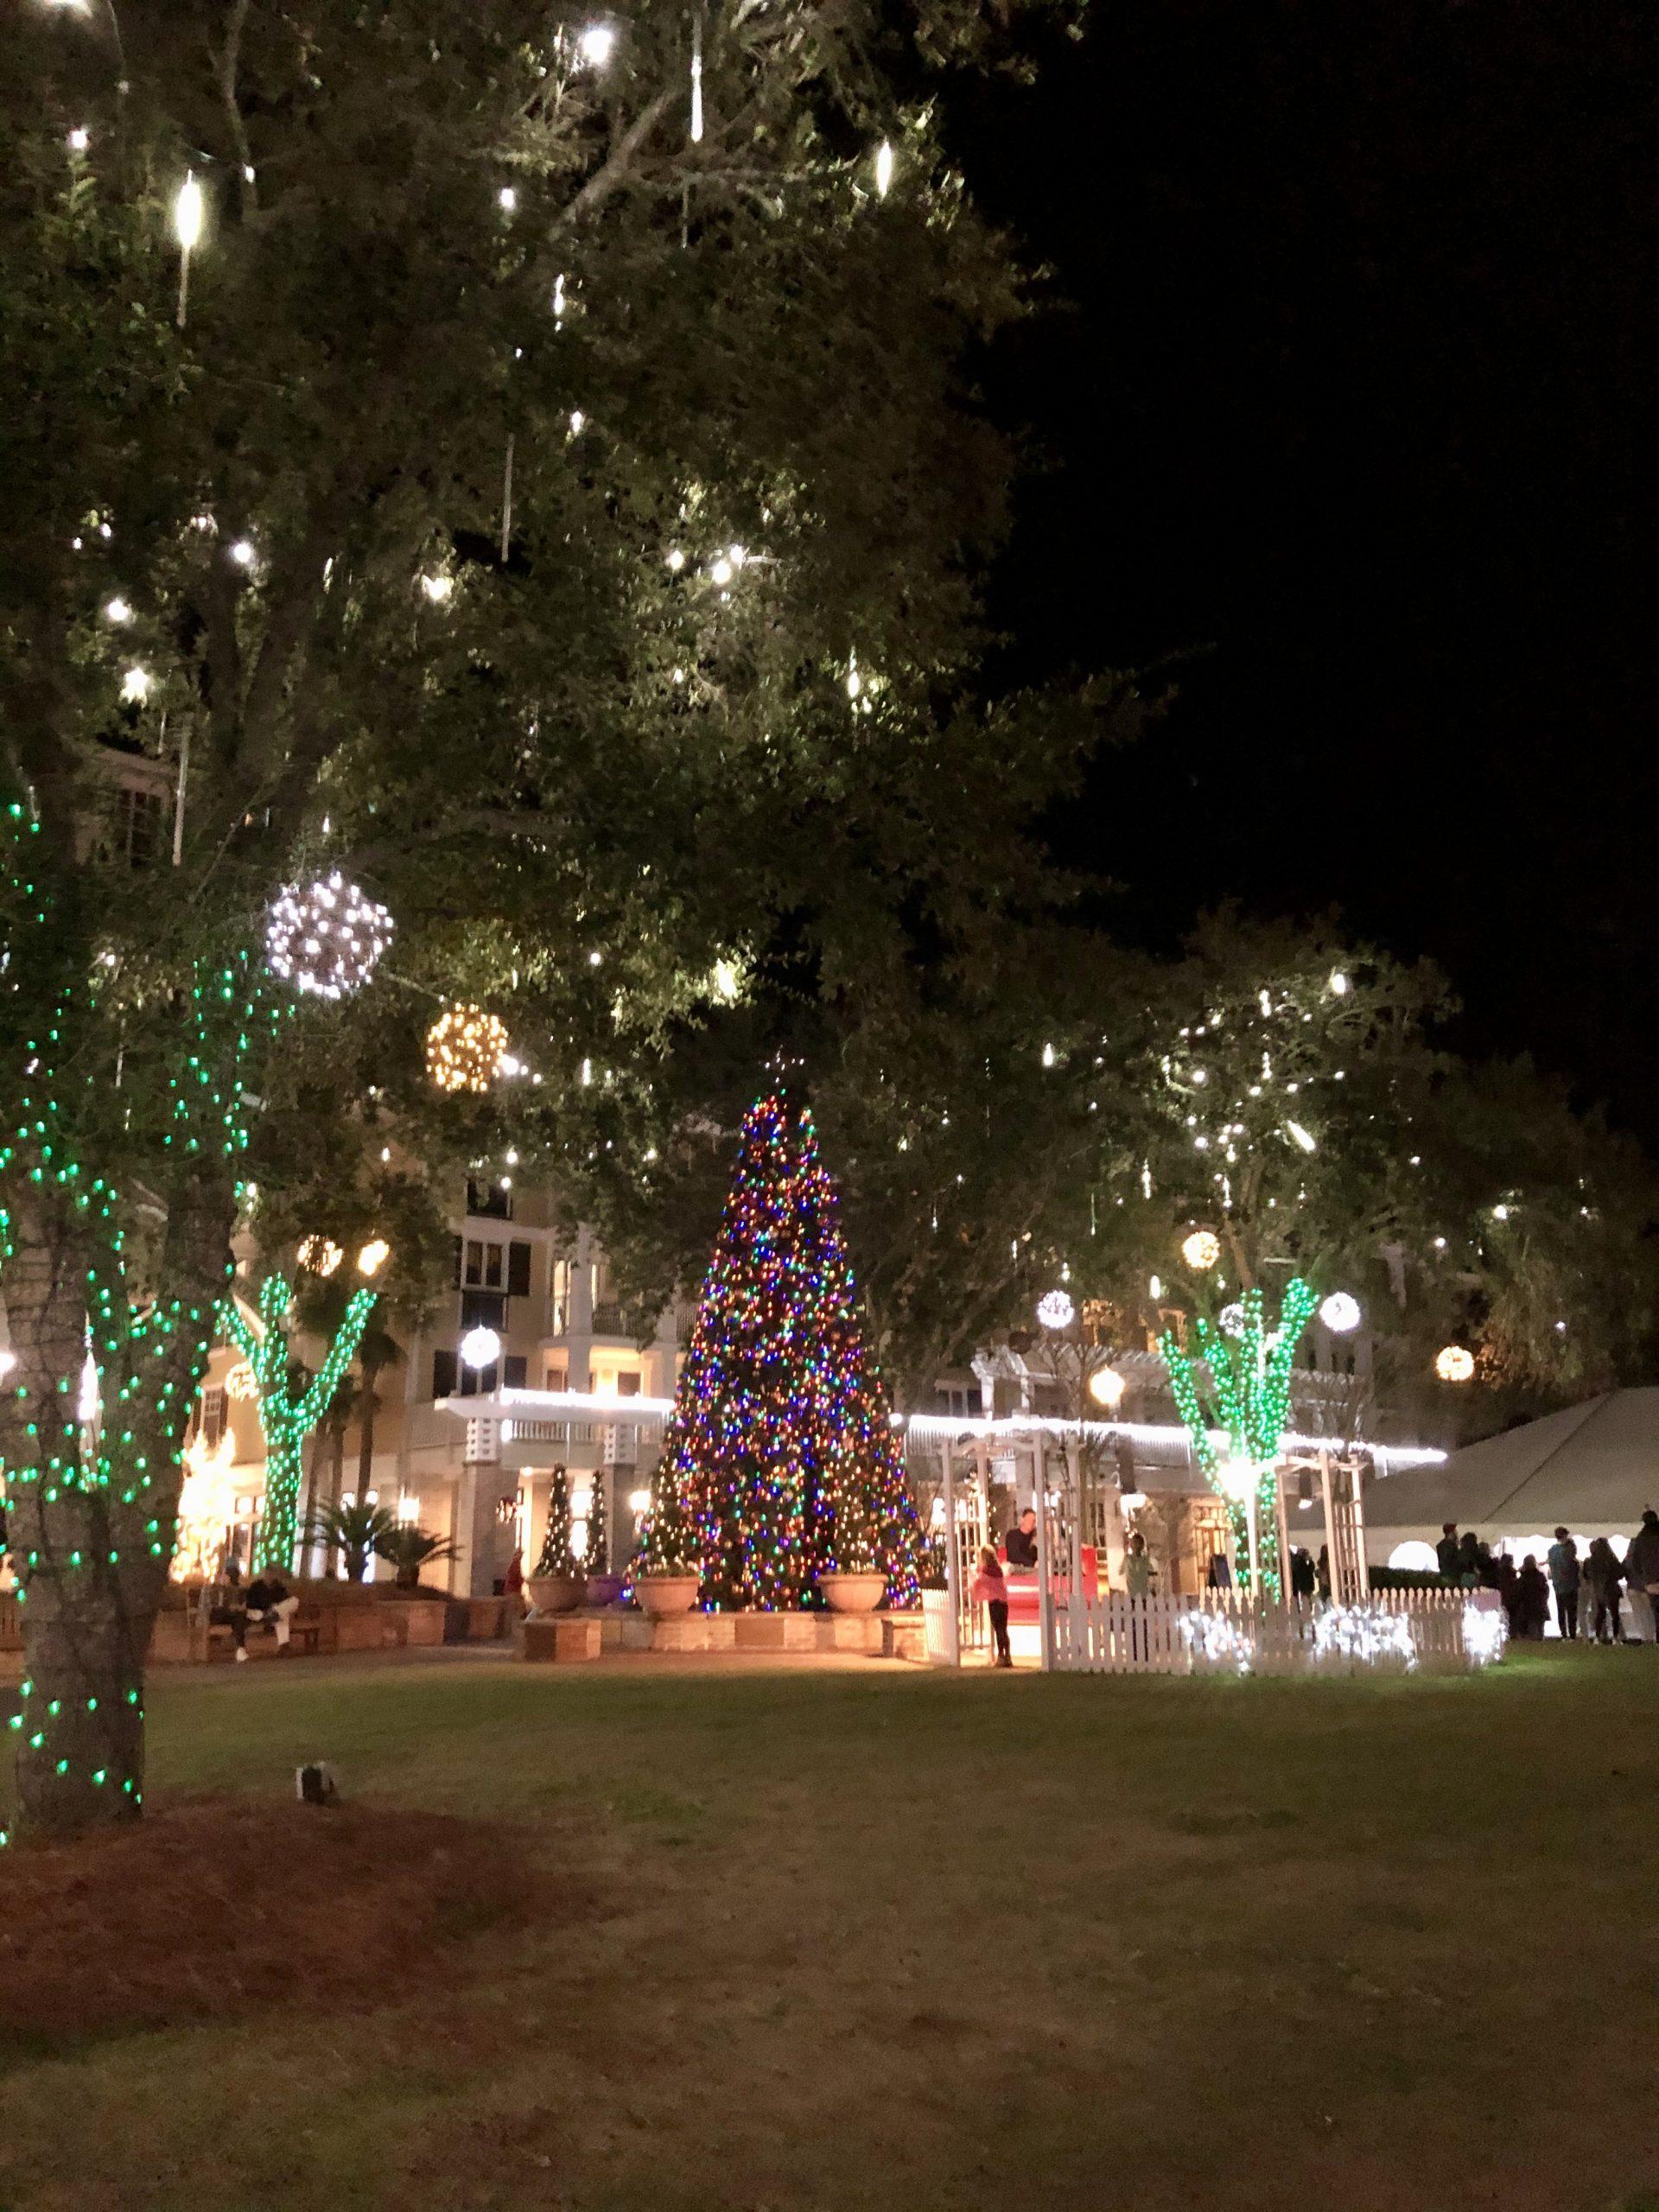 baytowne wharf christmas lights